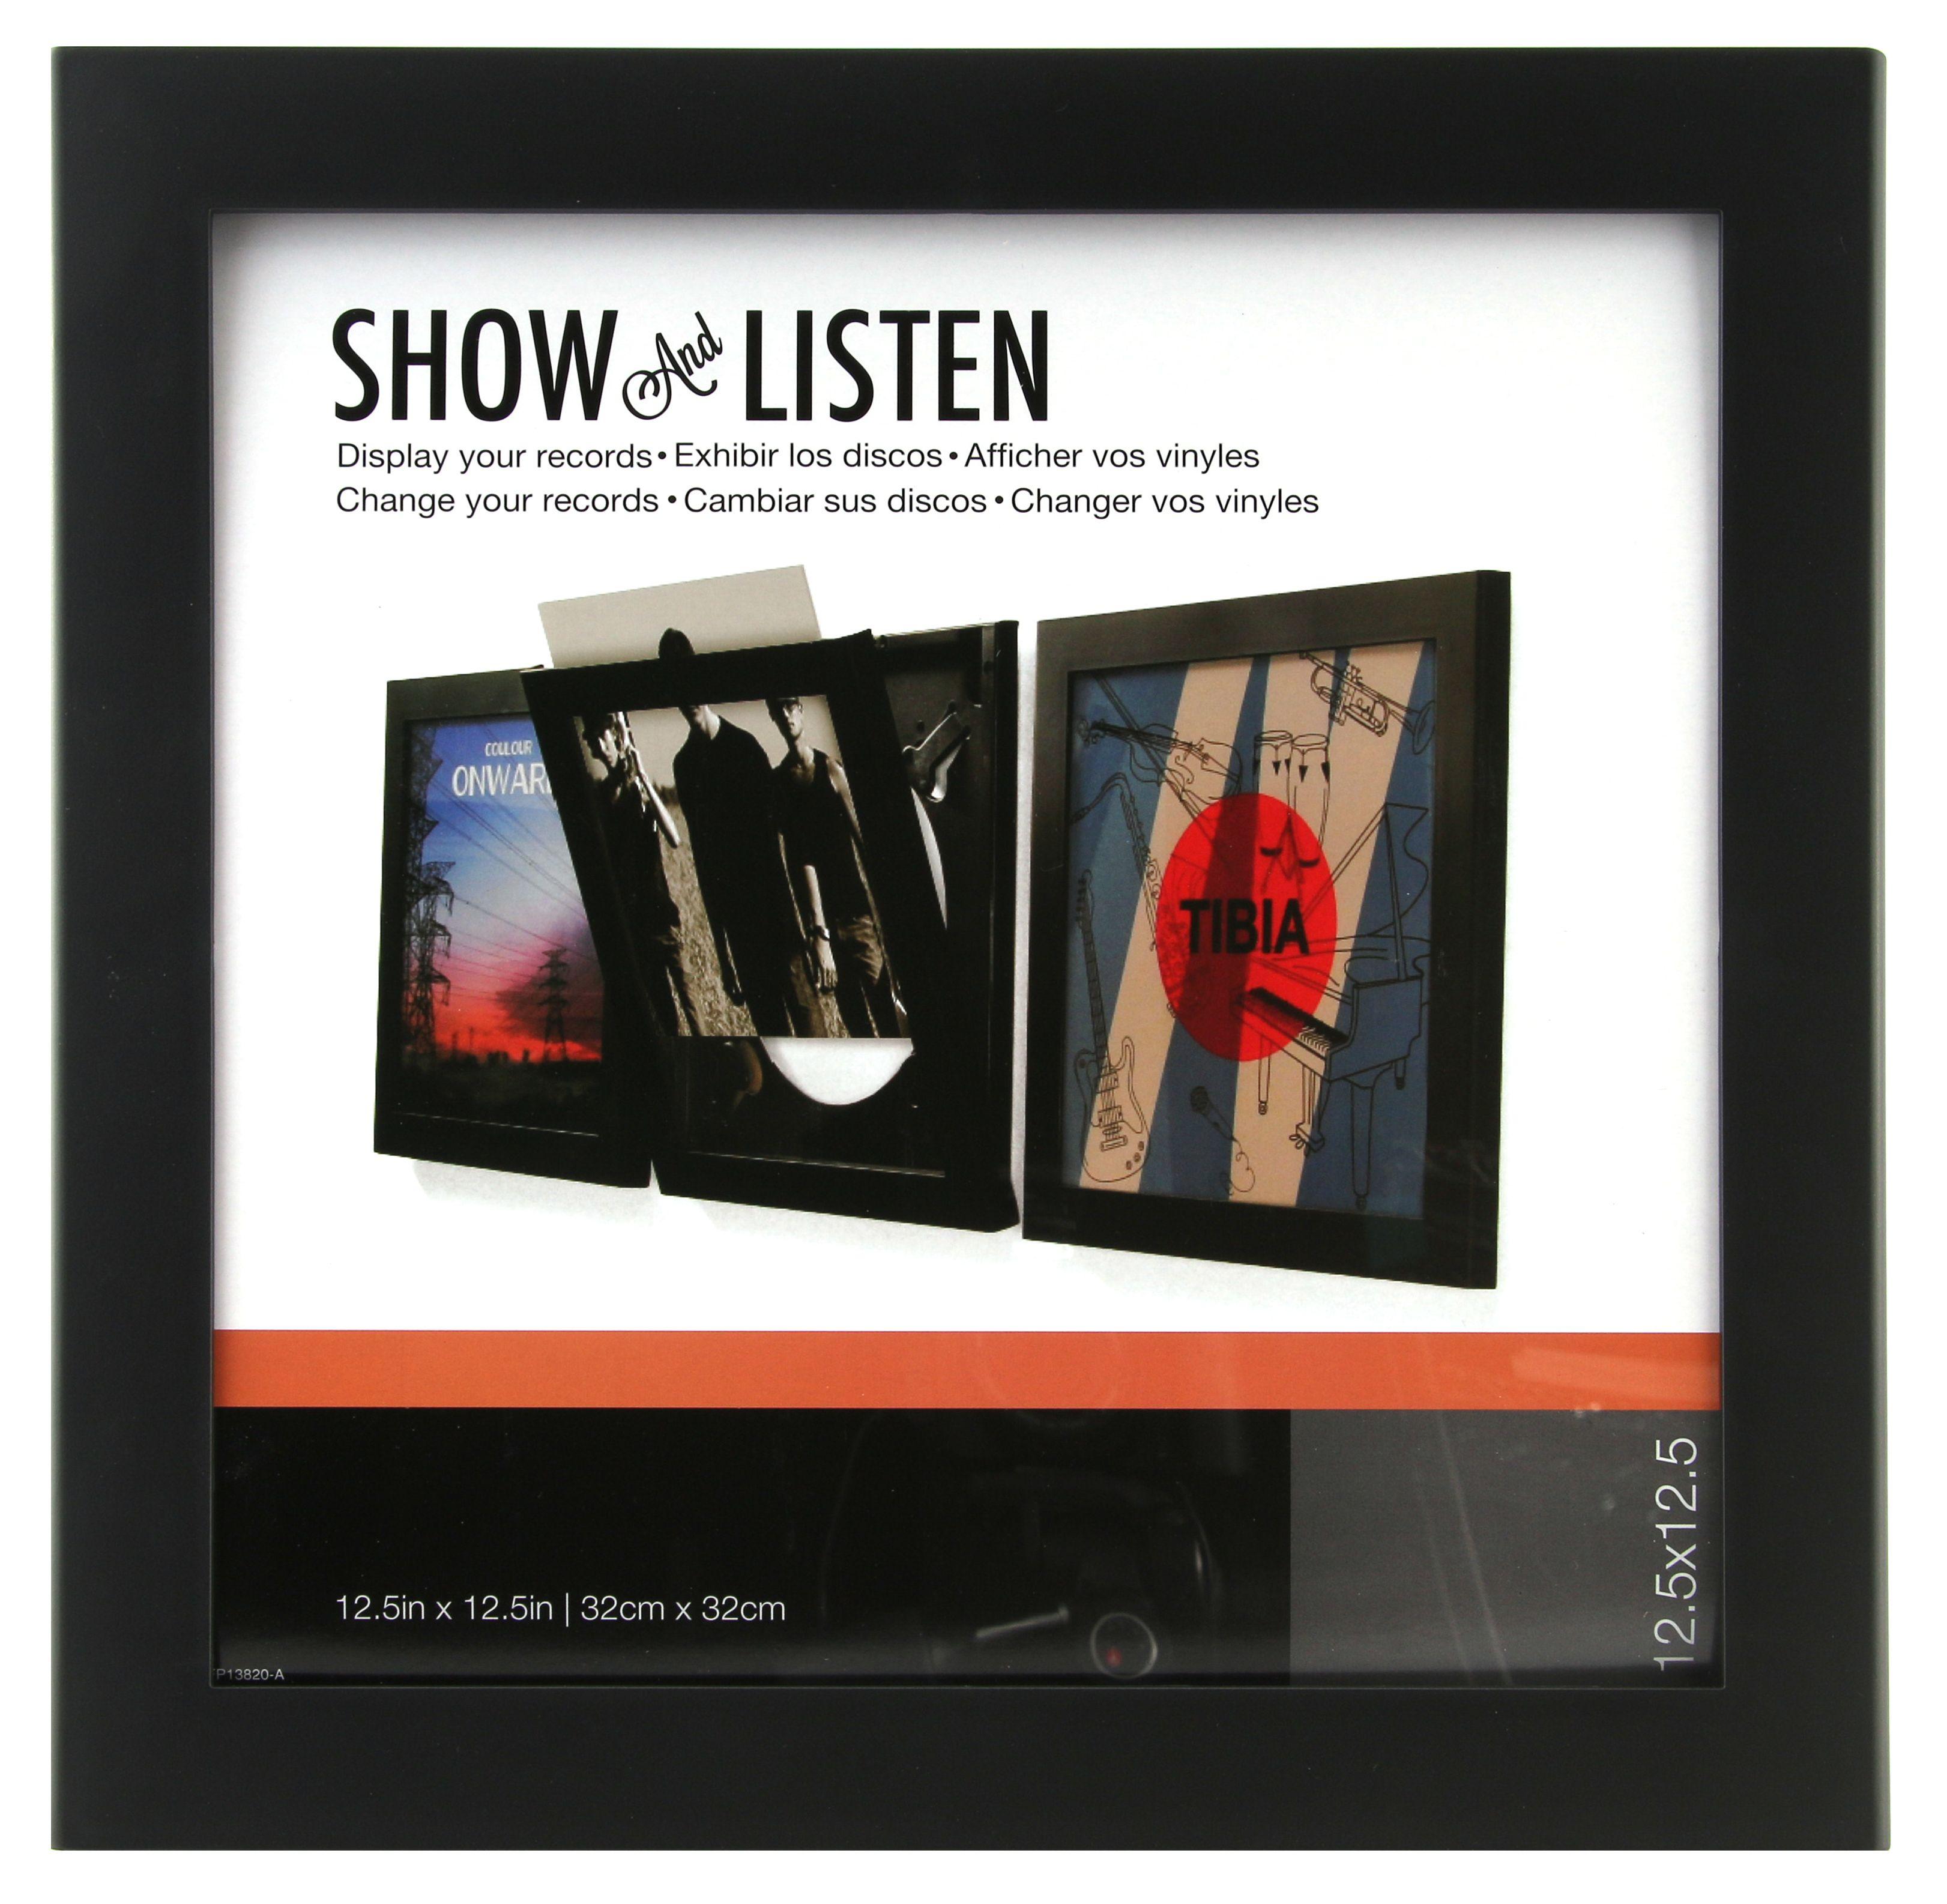 Snap 12.5X12.5 Vinyl Record Frame, Black | Products | Pinterest ...